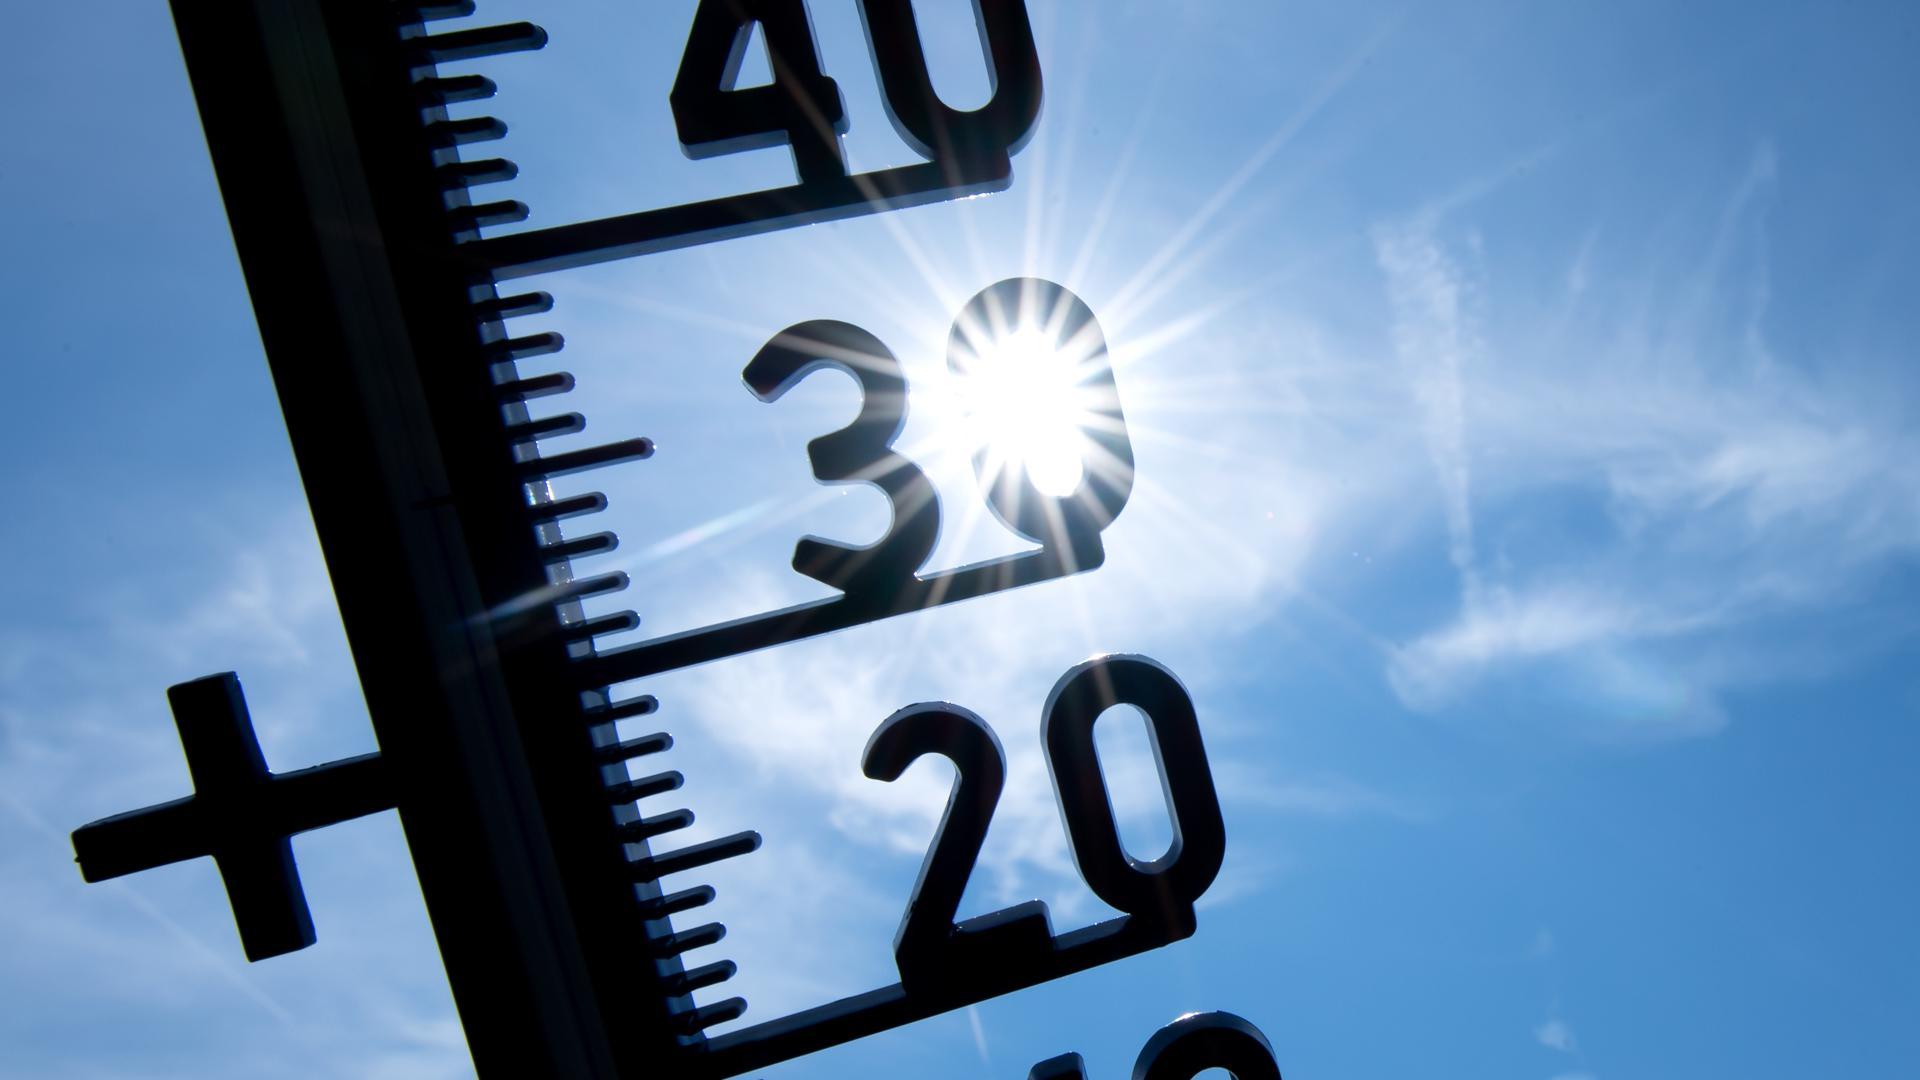 Ein Thermometer zeigt rund 30 Grad an.